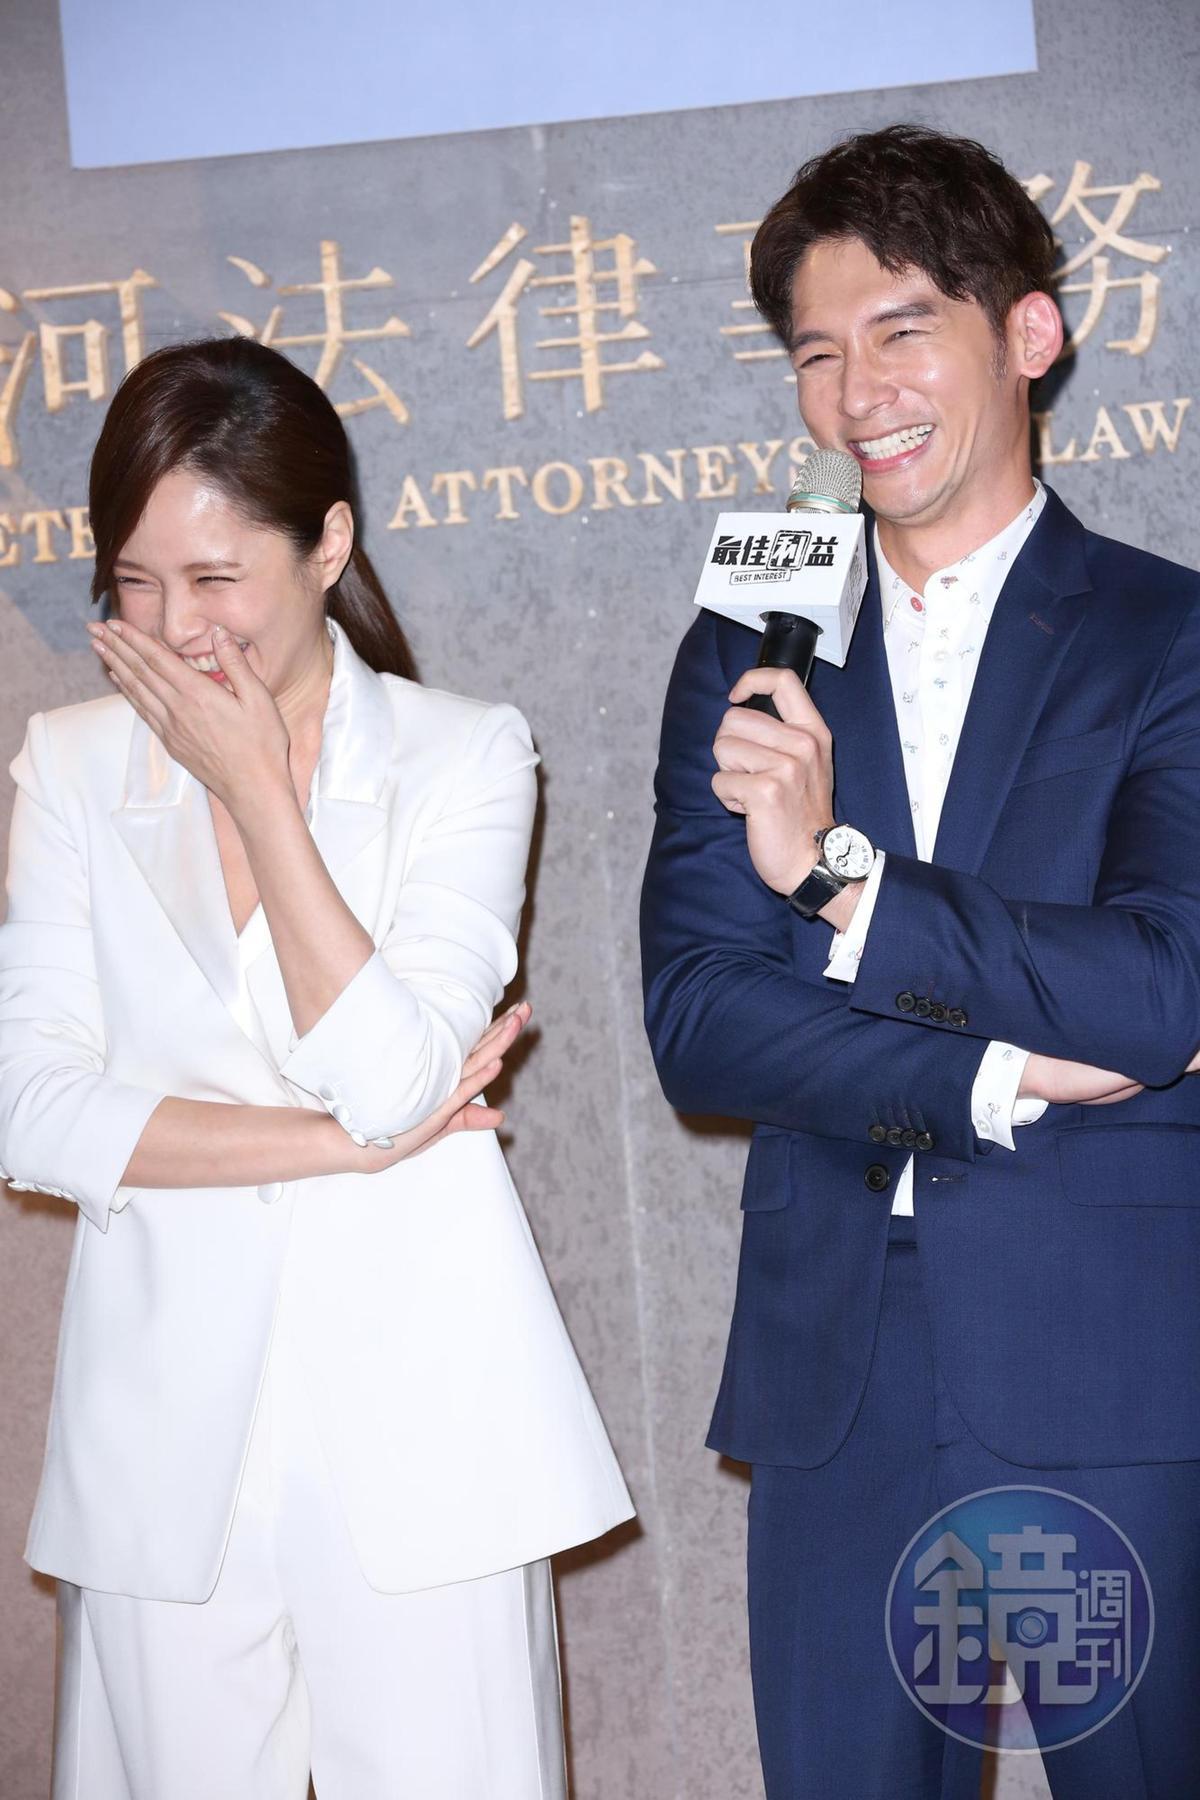 天心與溫昇豪自2012年合作後再聚首,天心笑表示雖然不見多年,但2人依然很合拍。